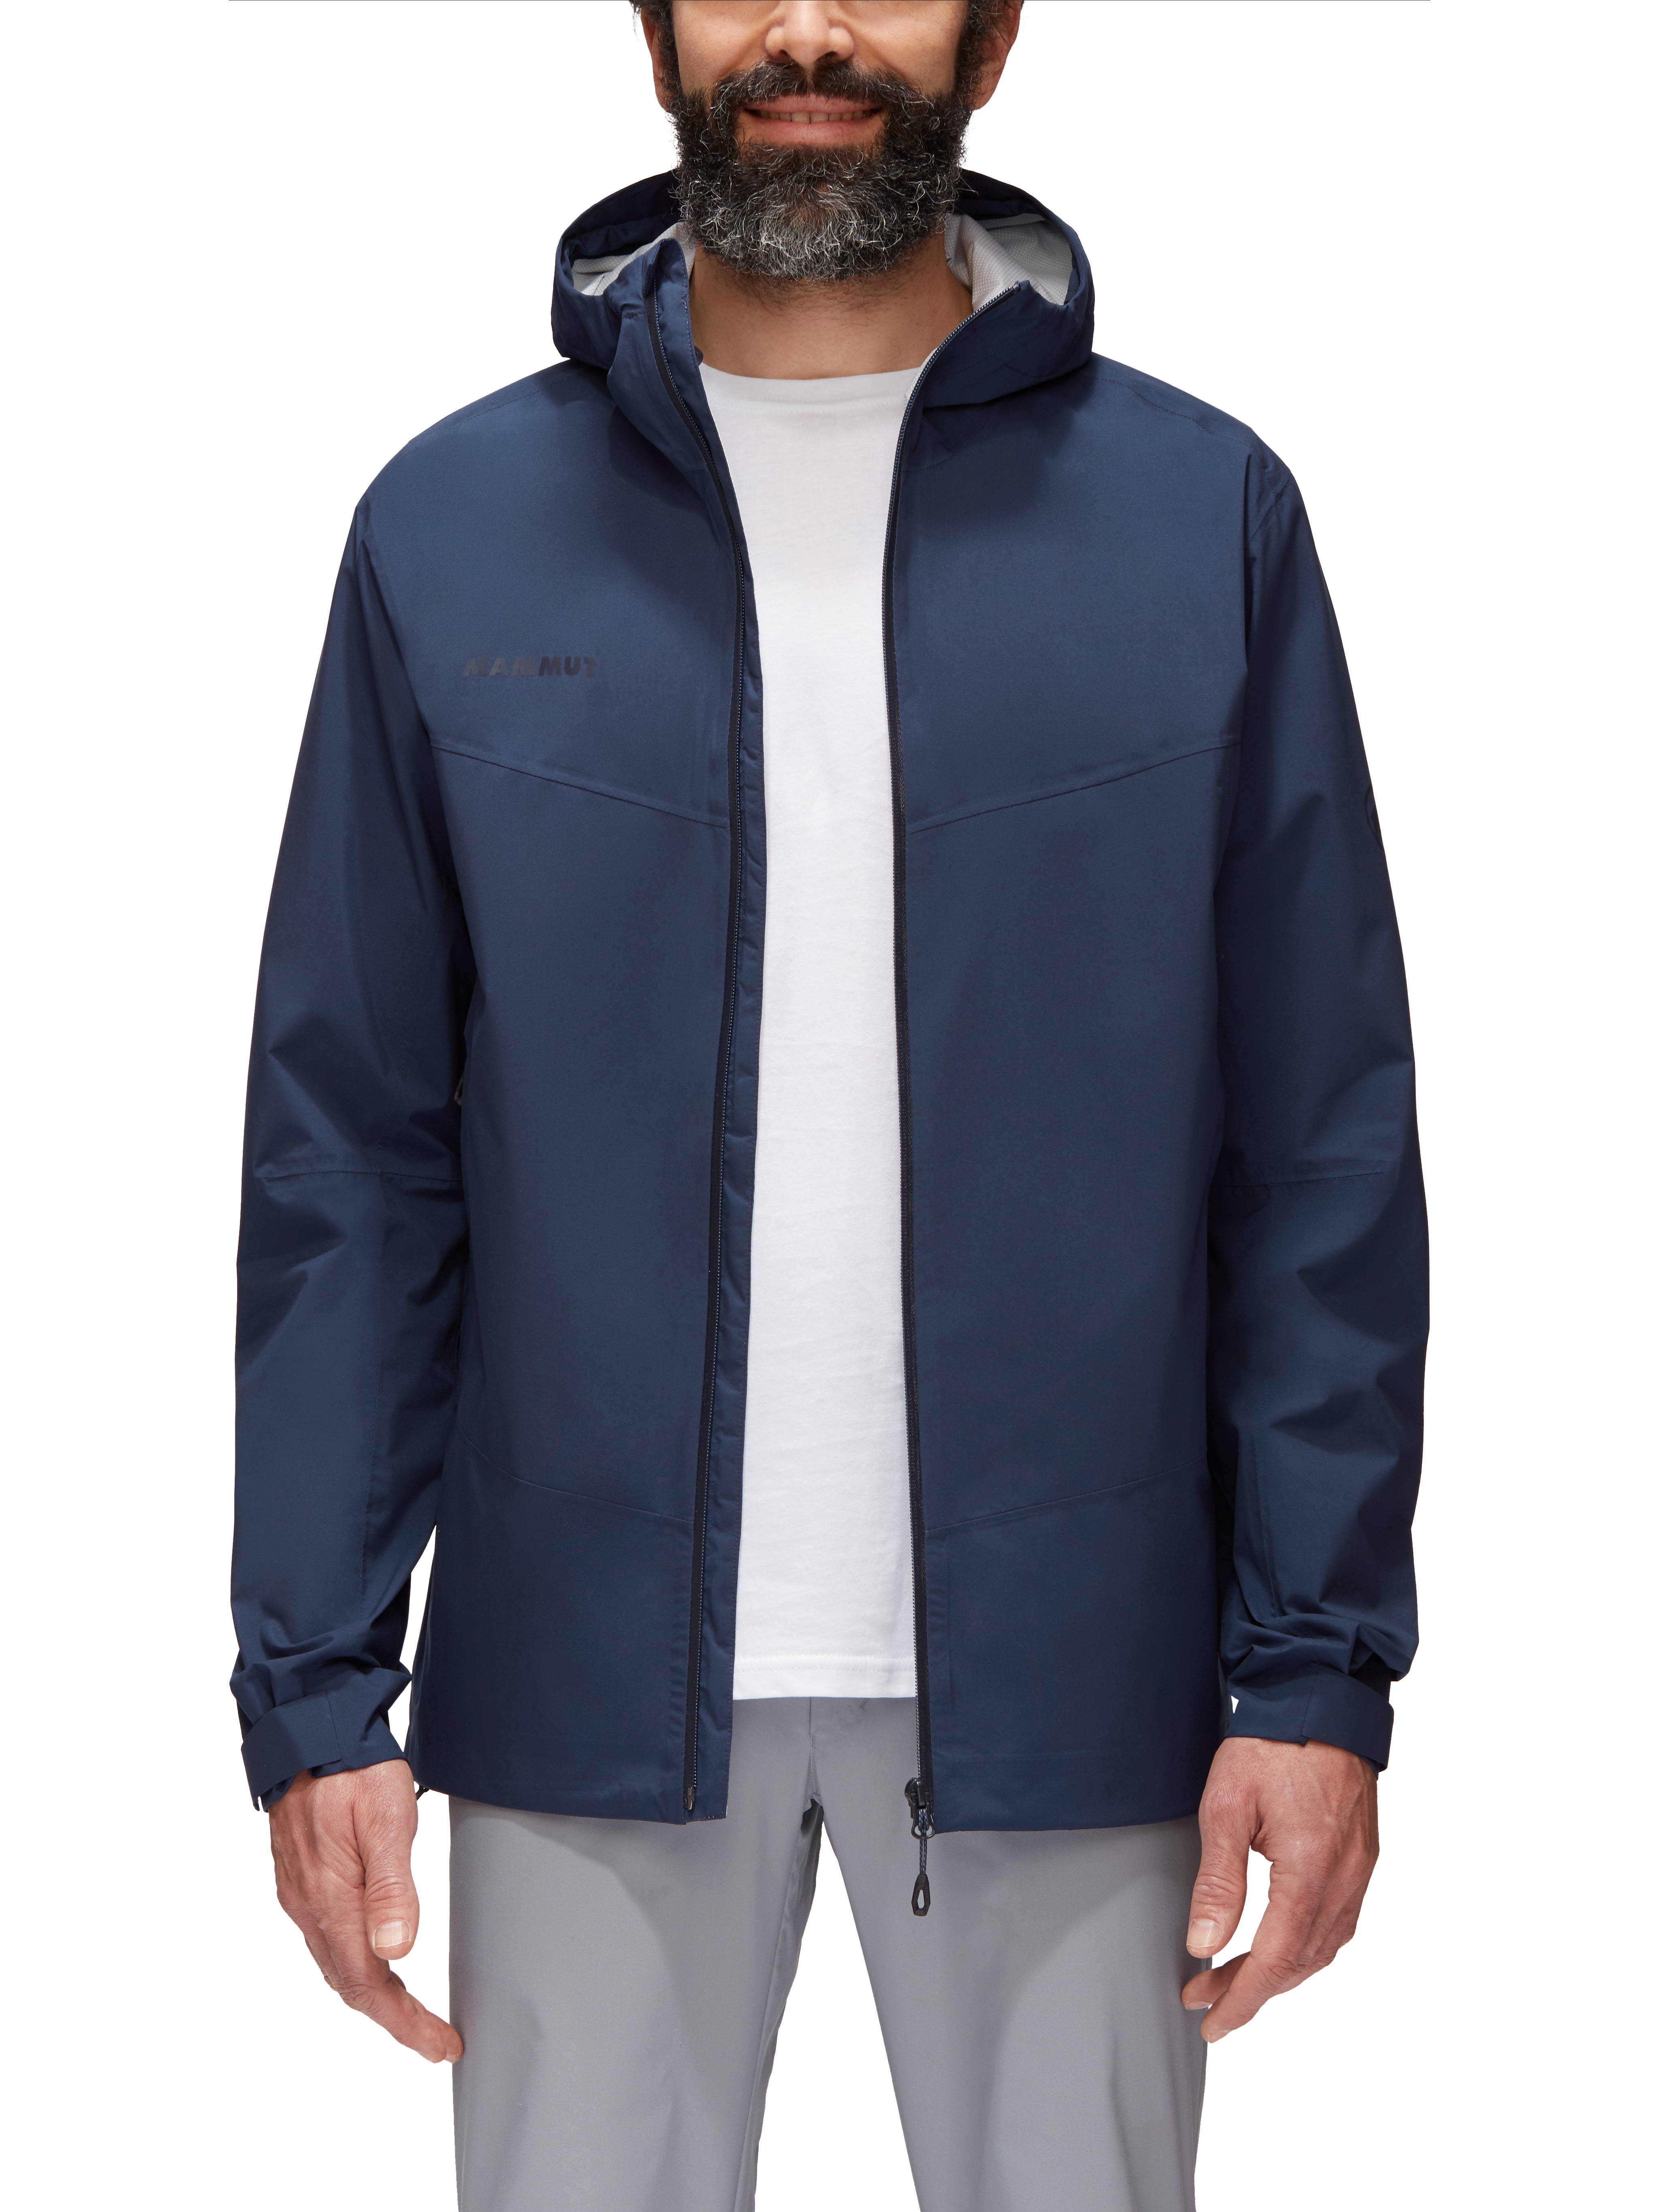 Albula HS Hooded Jacket Men product image